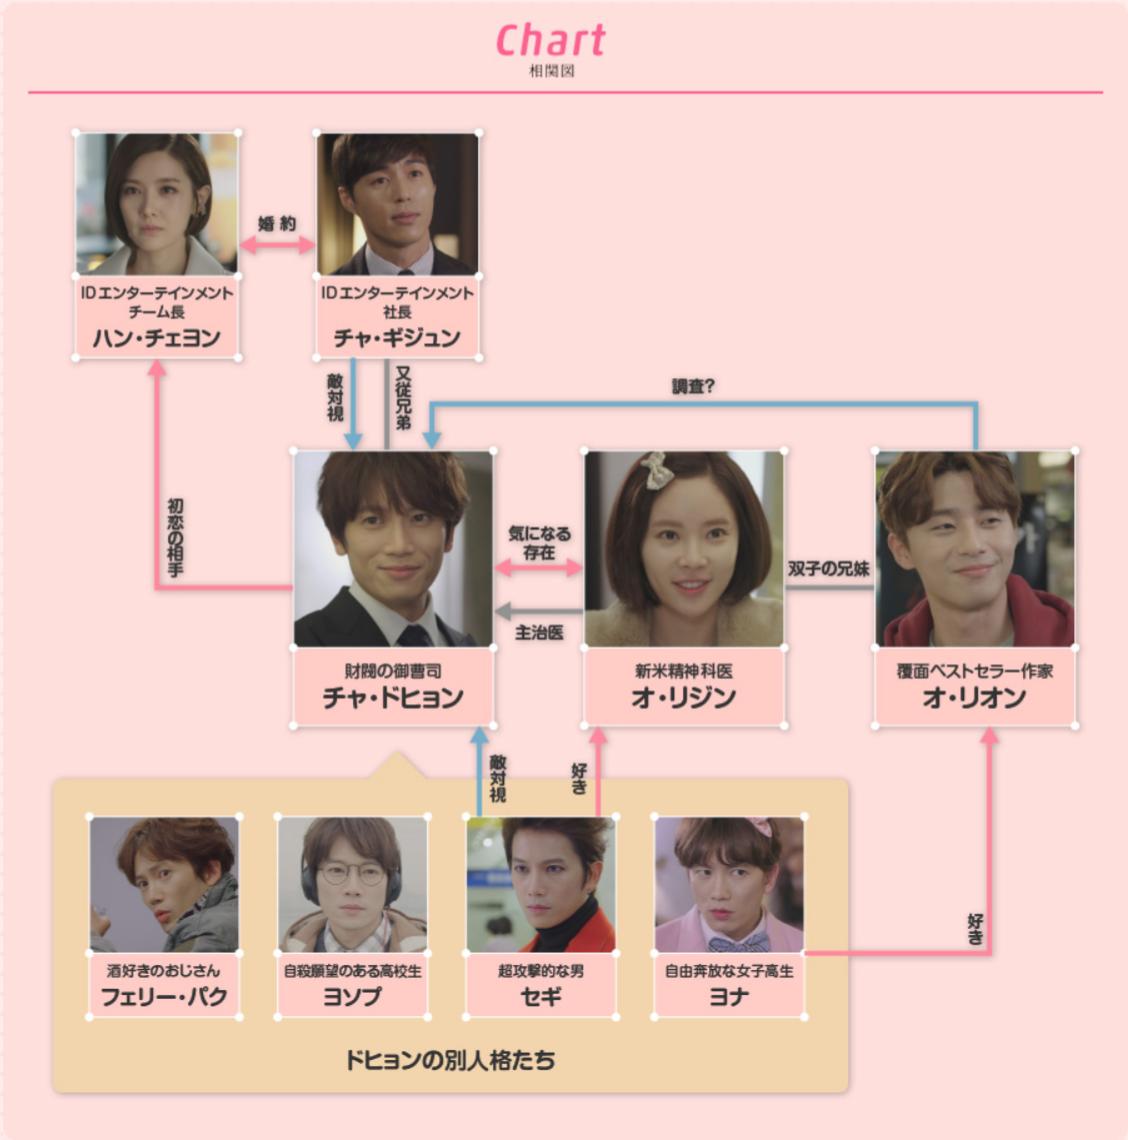 韓国ドラマ『キルミー・ヒールミー』登場人物相関図(関係図)